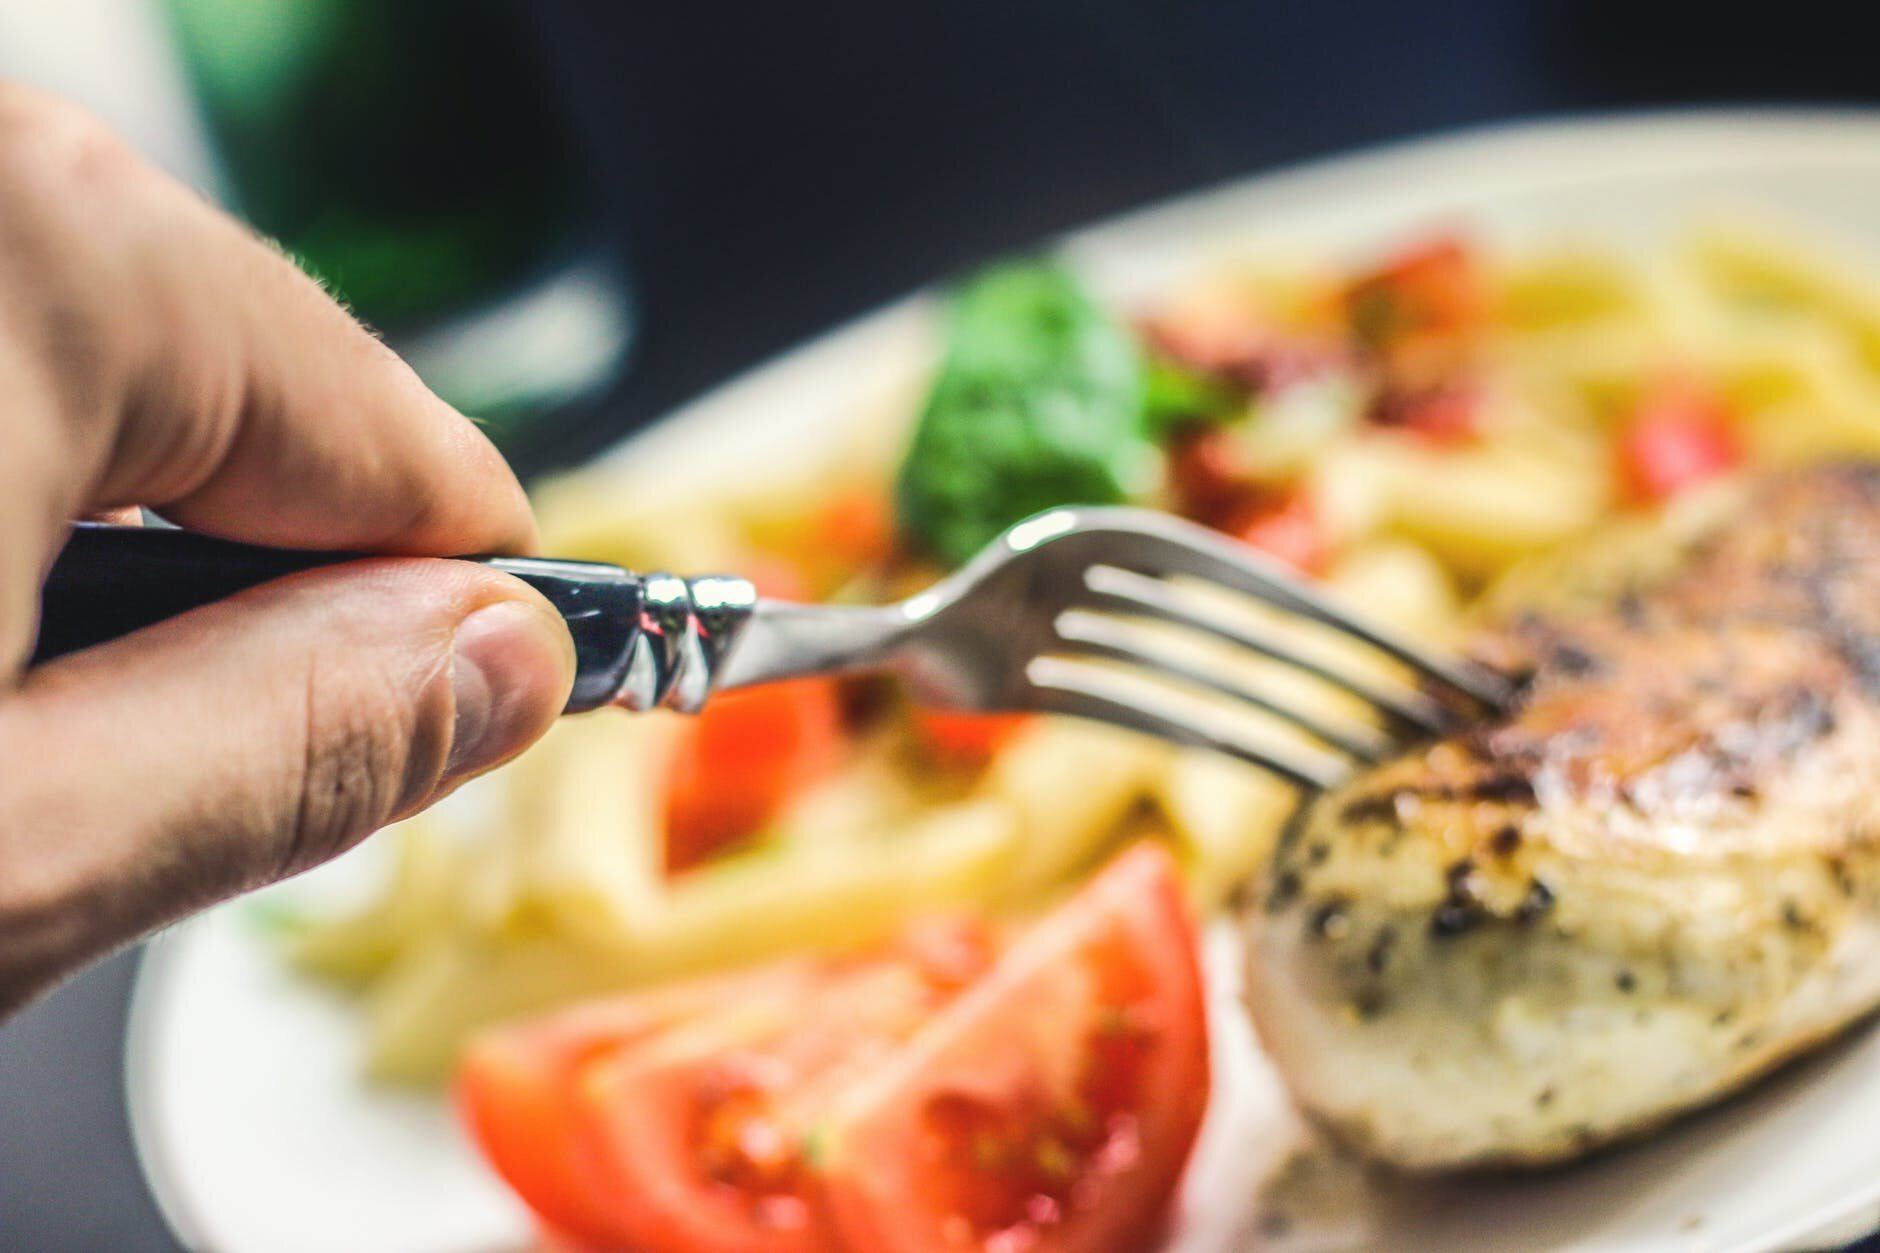 Talerz z jedzeniem